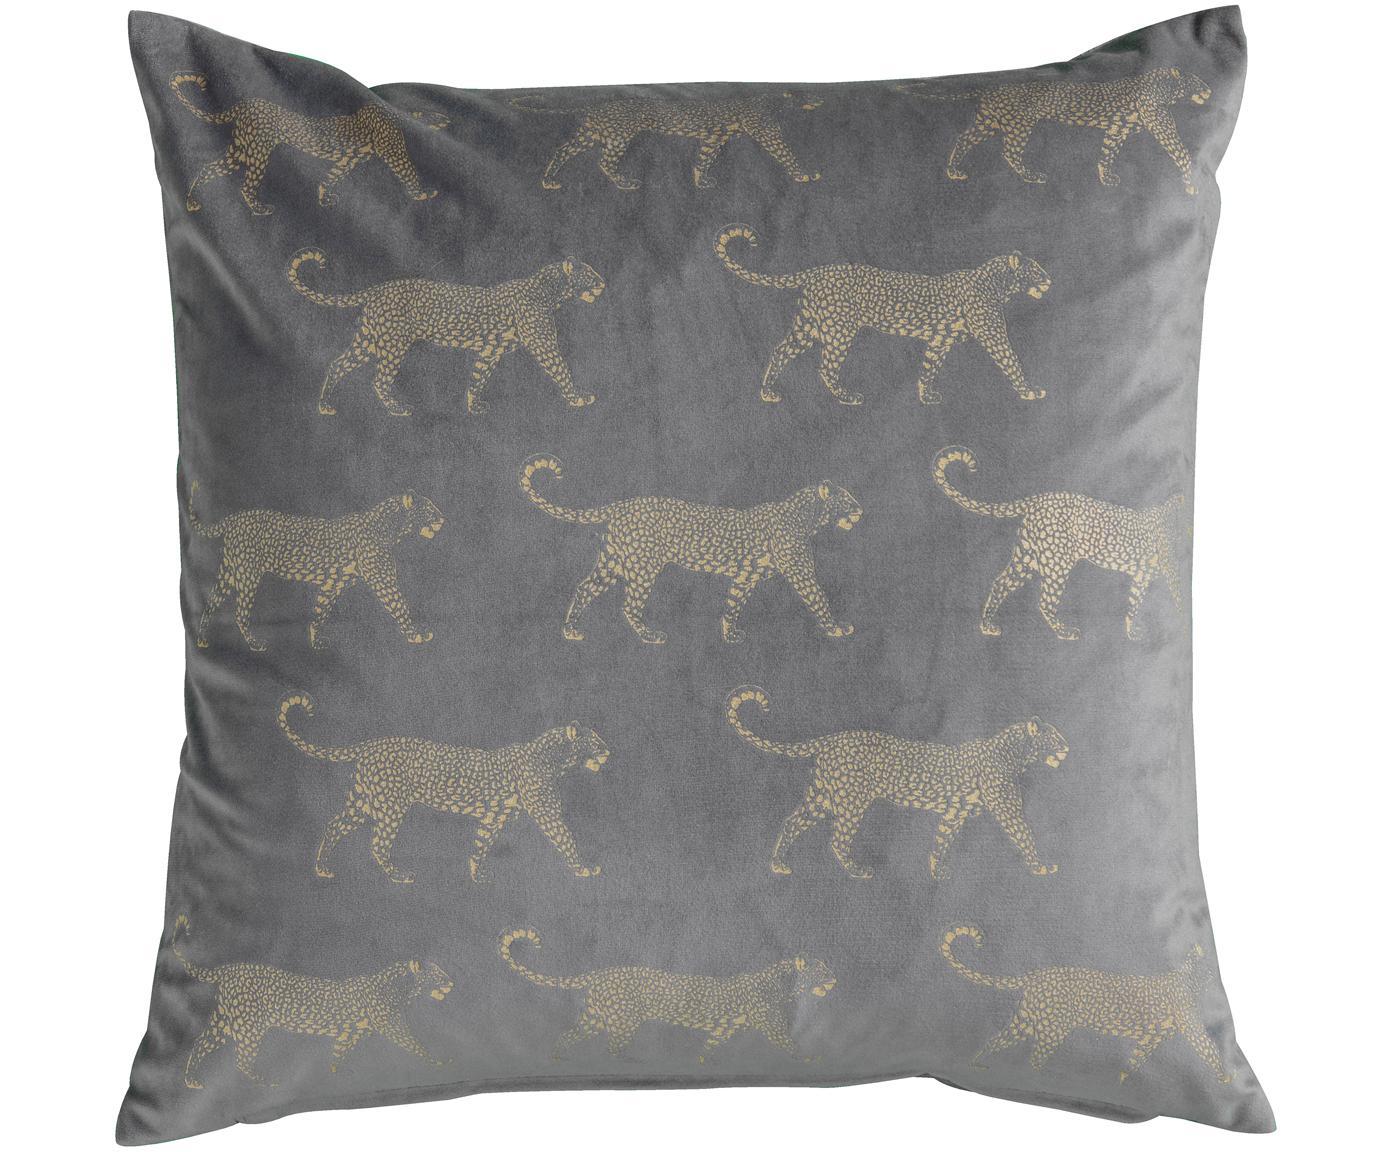 Cuscino con imbottitura in velluto Leopard, Rivestimento: velluto di poliestere, Grigio, dorato, Larg. 45 x Lung. 45 cm